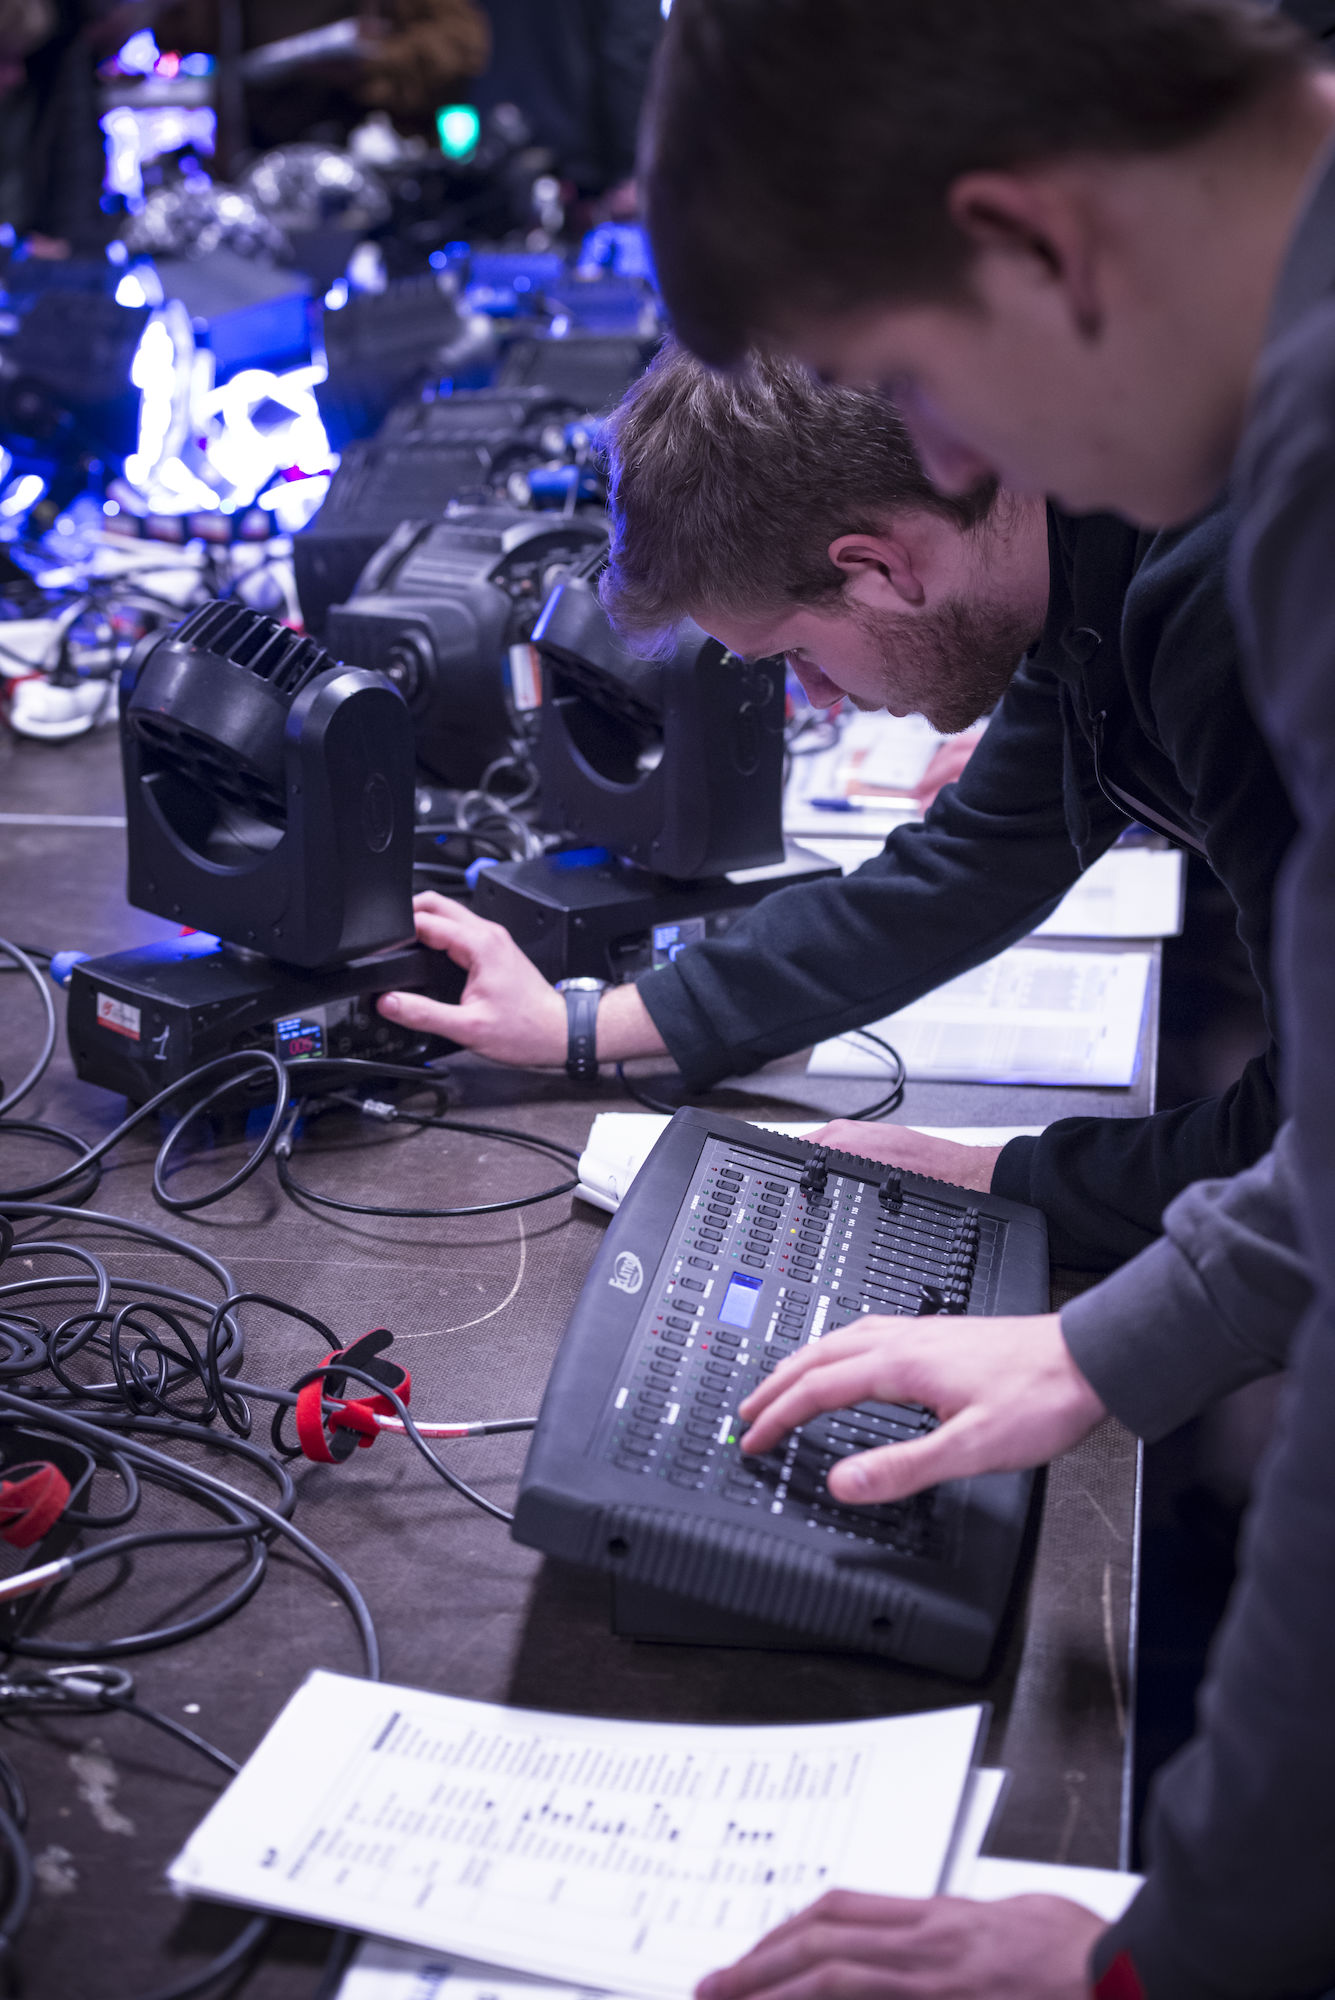 180208-uitleendienst-workshop-dmx-00080.jpg